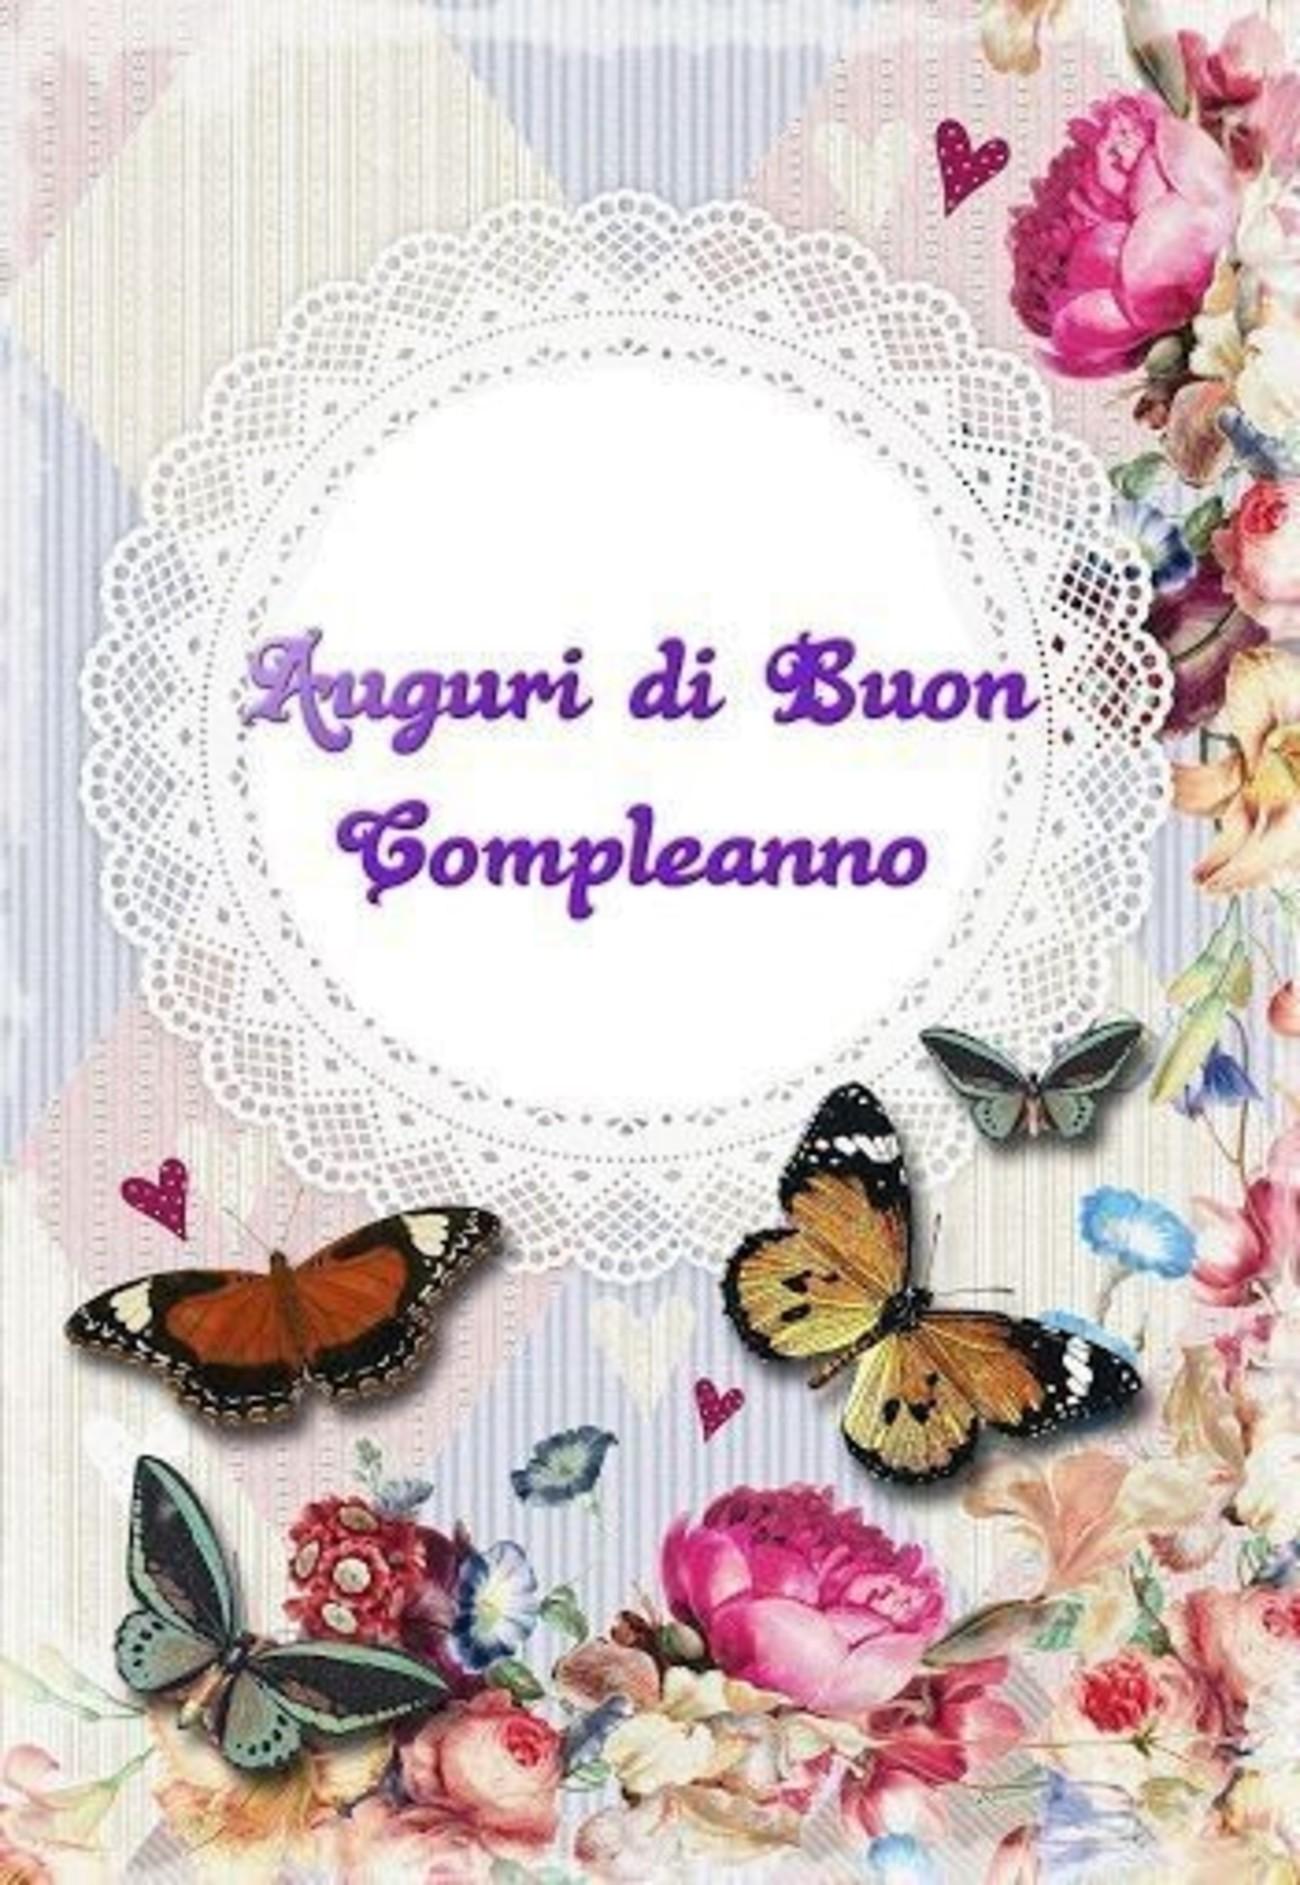 Buon Compleanno Belle Immagini 335 Buongiorno Immagini It